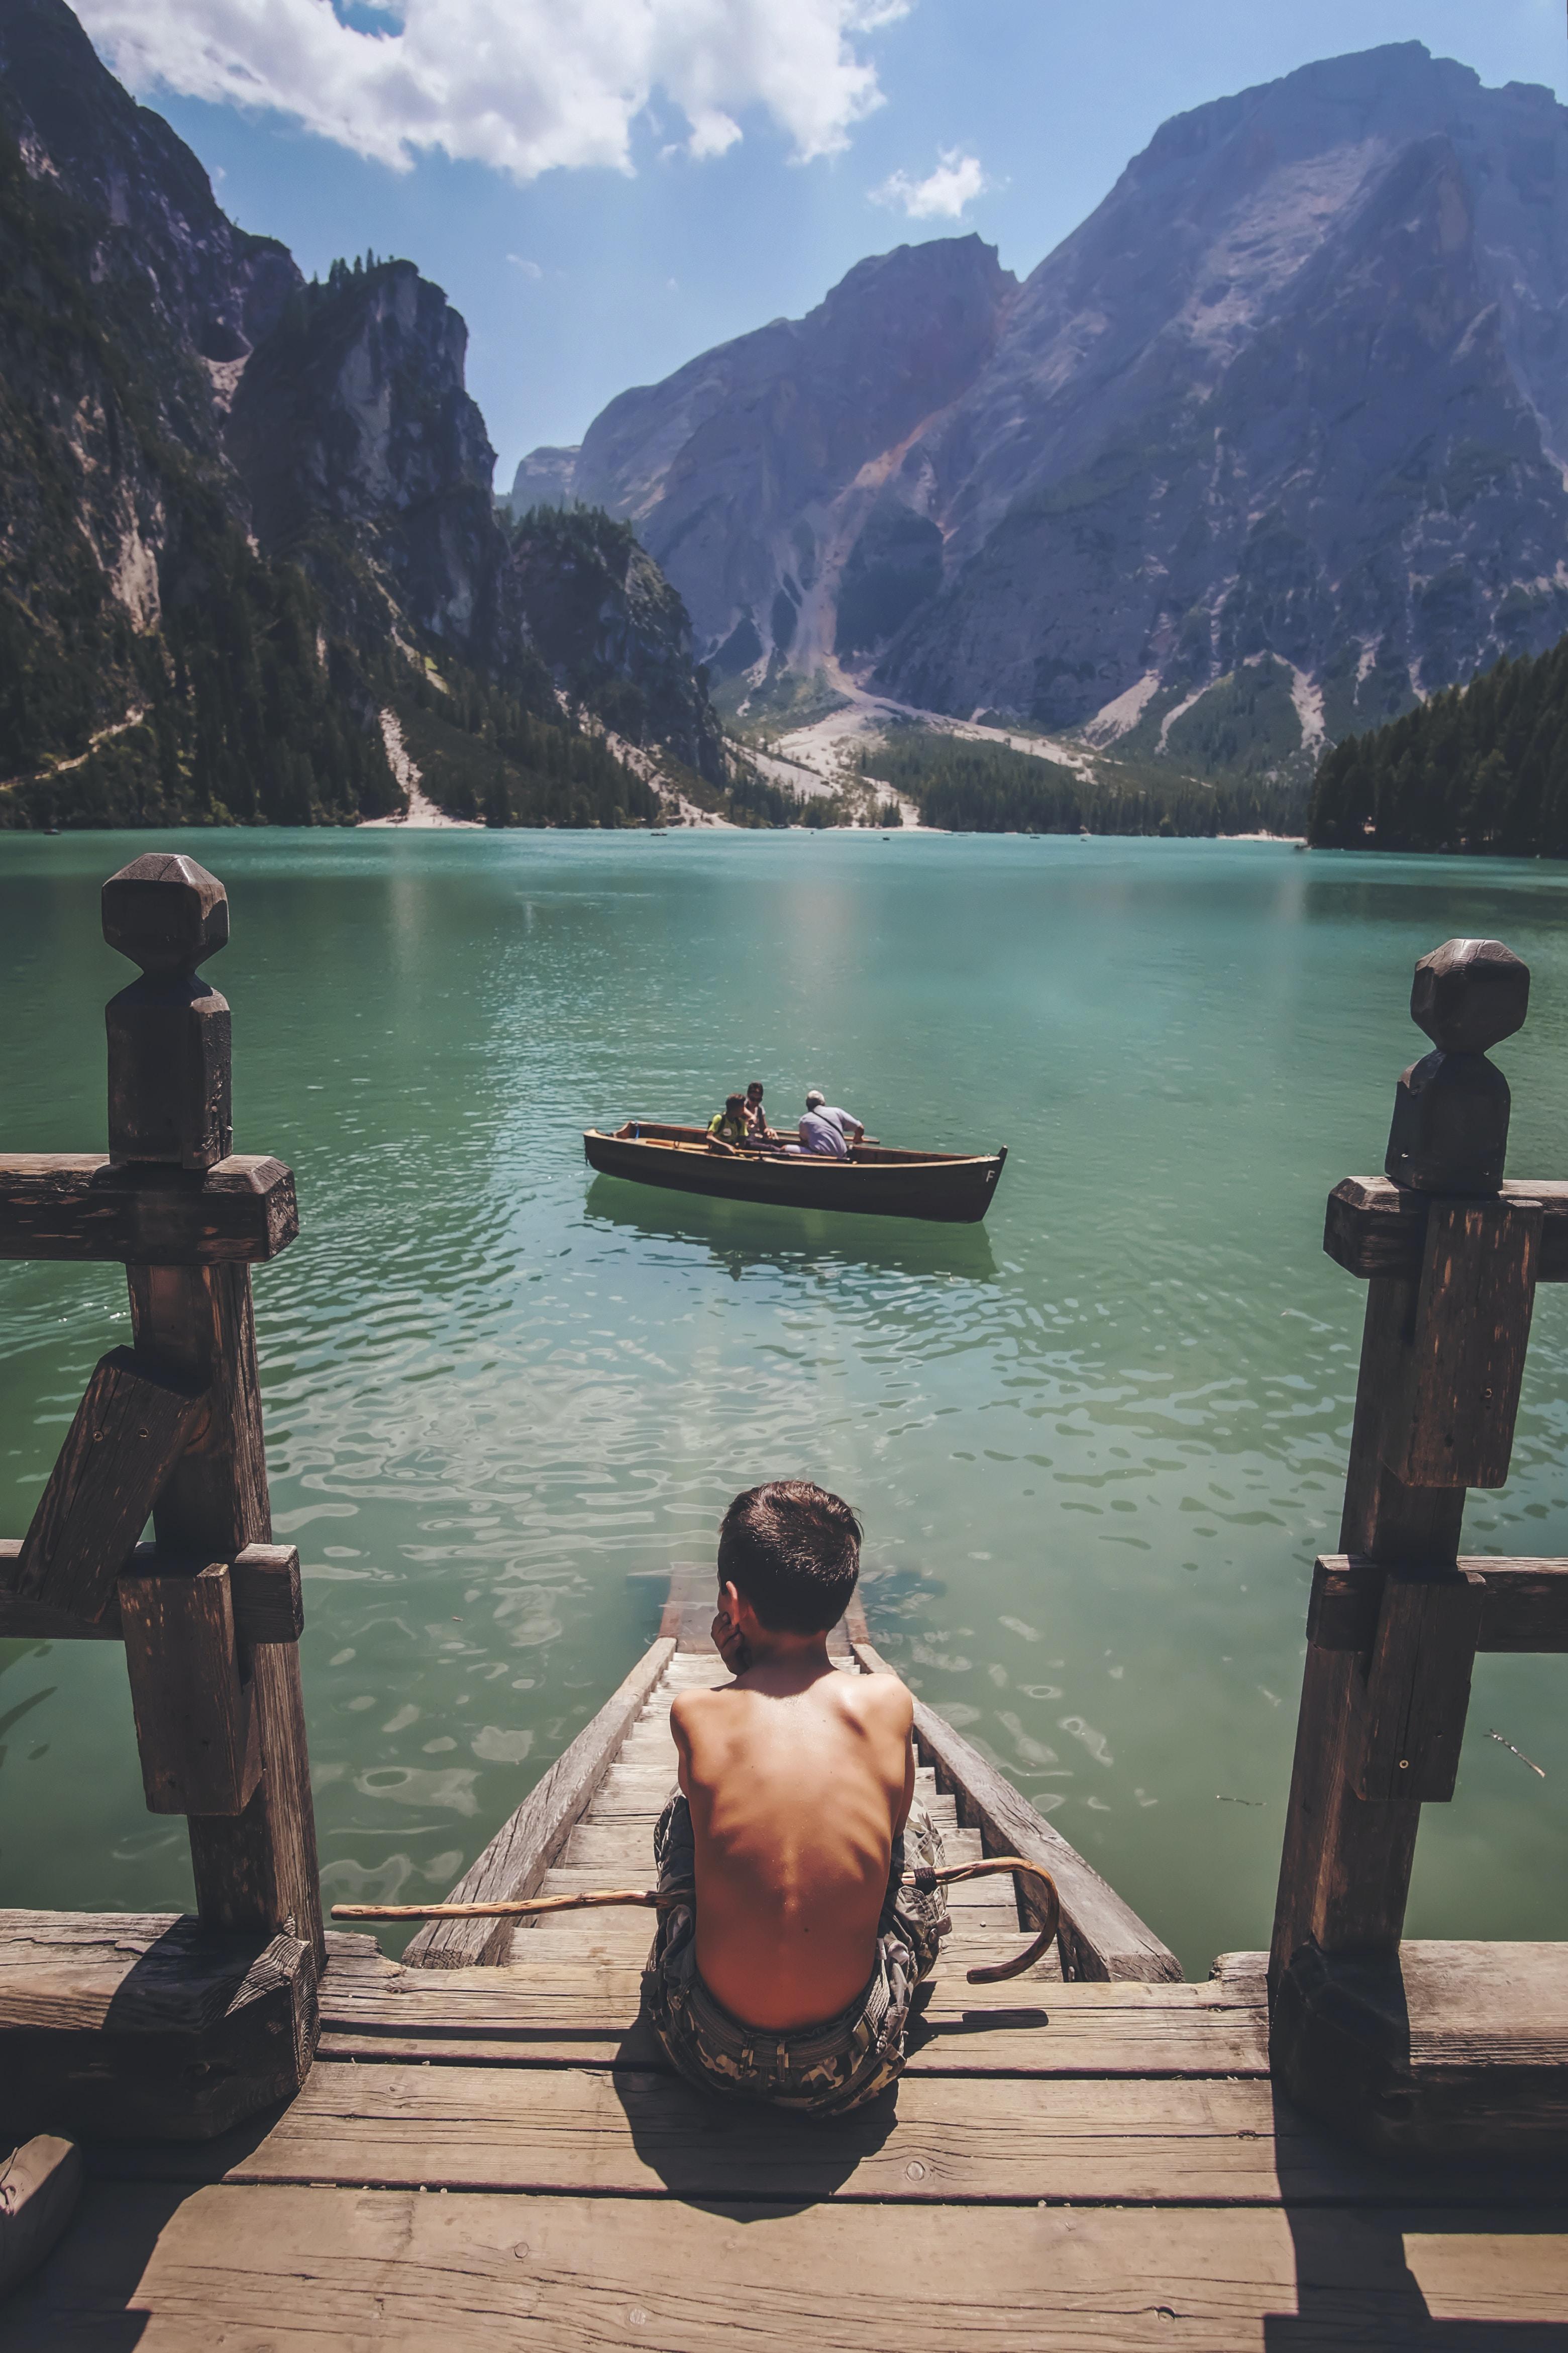 boy sitting on dock during daytime